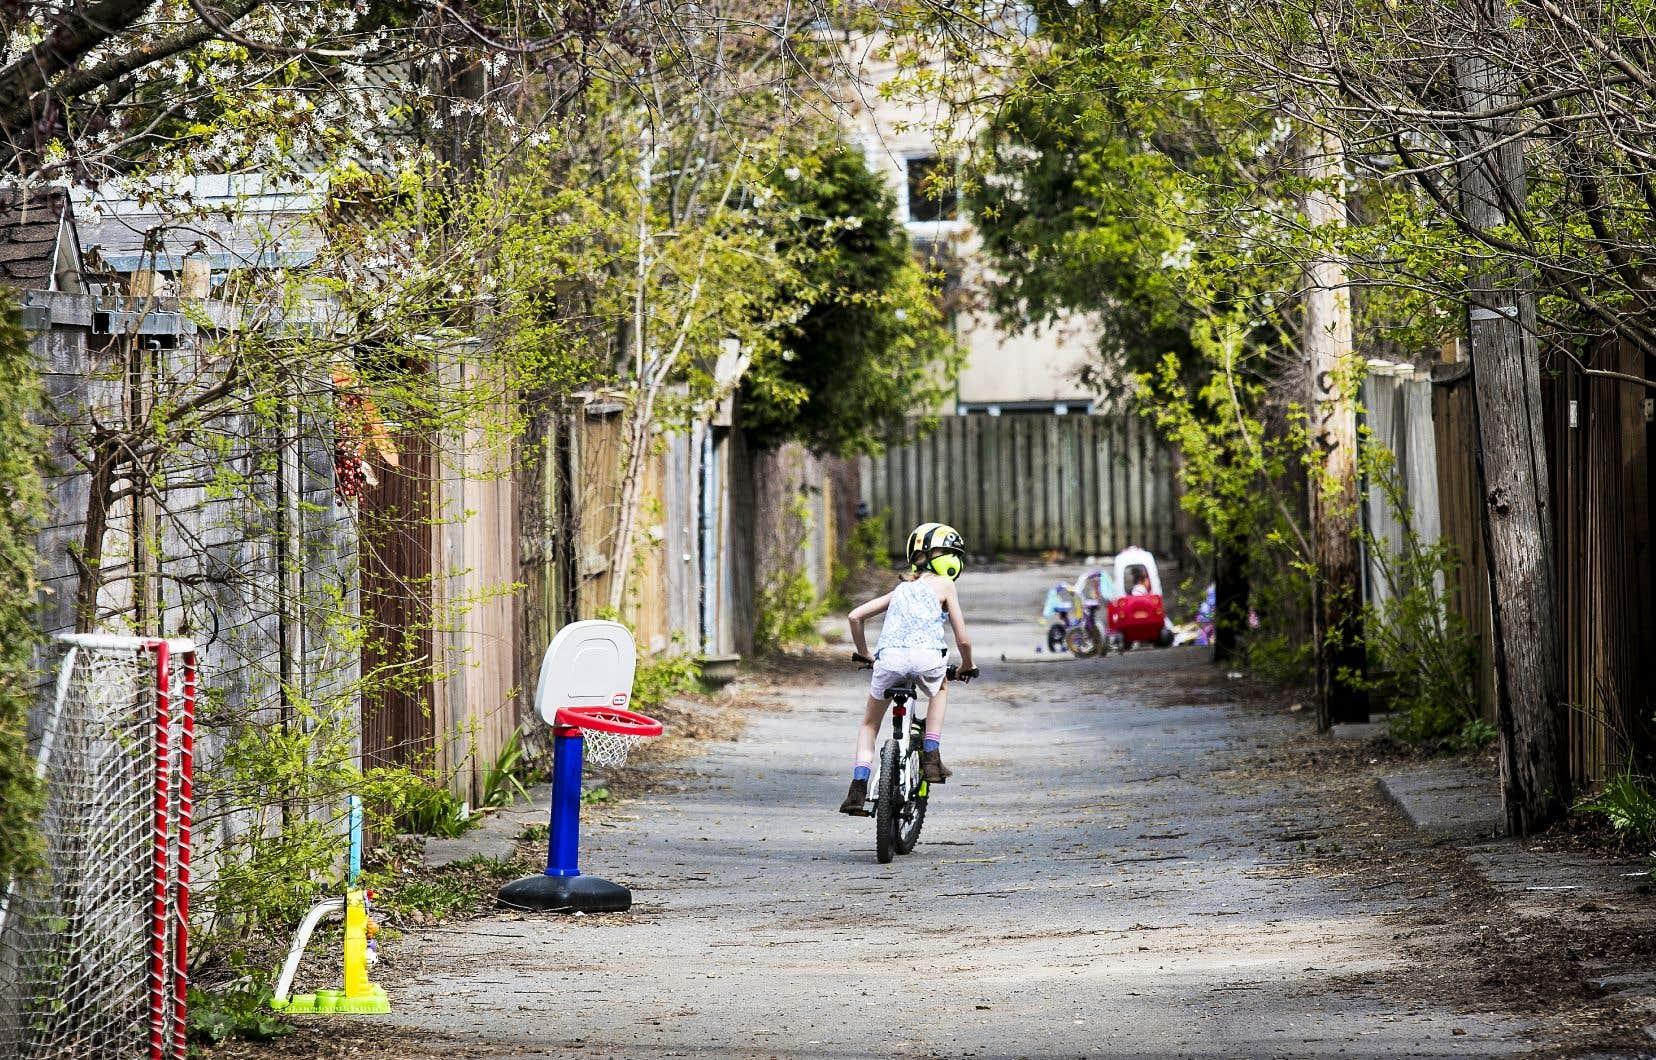 Les ruelles peuvent servir d'aire de jeu pour les enfants à un moment où les parcs de la ville risquent d'être souvent bondés.